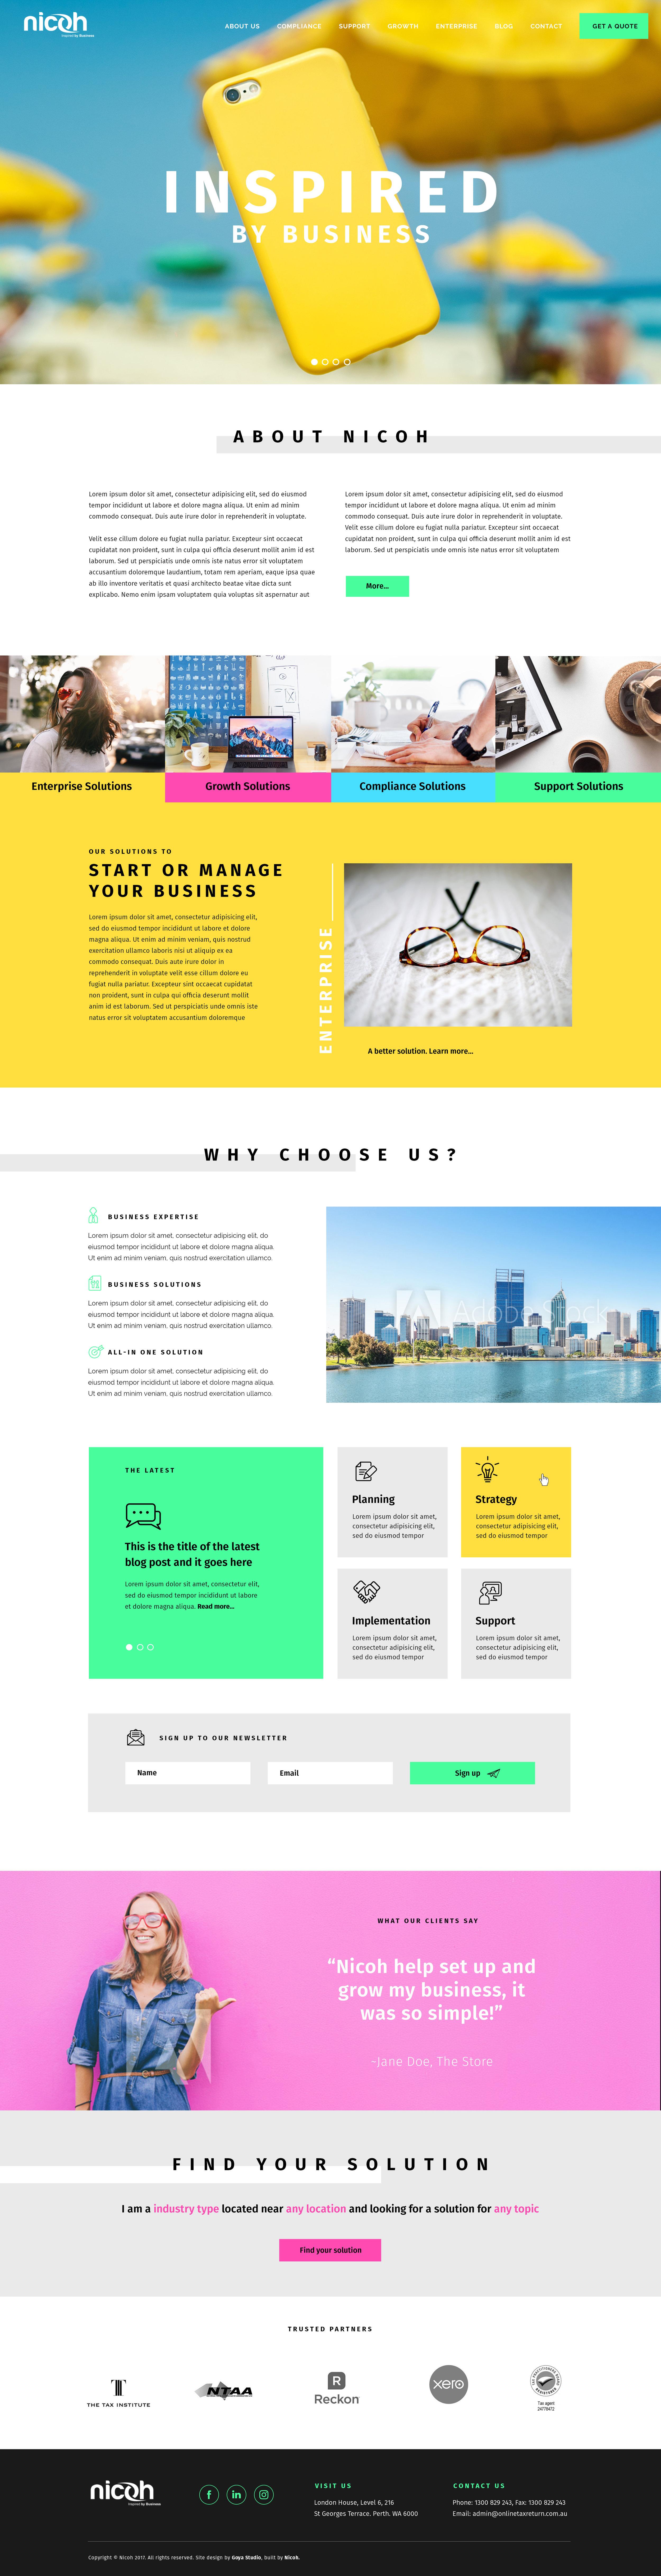 NICO001b Nicoh Website Design - Home2 @2x.jpg